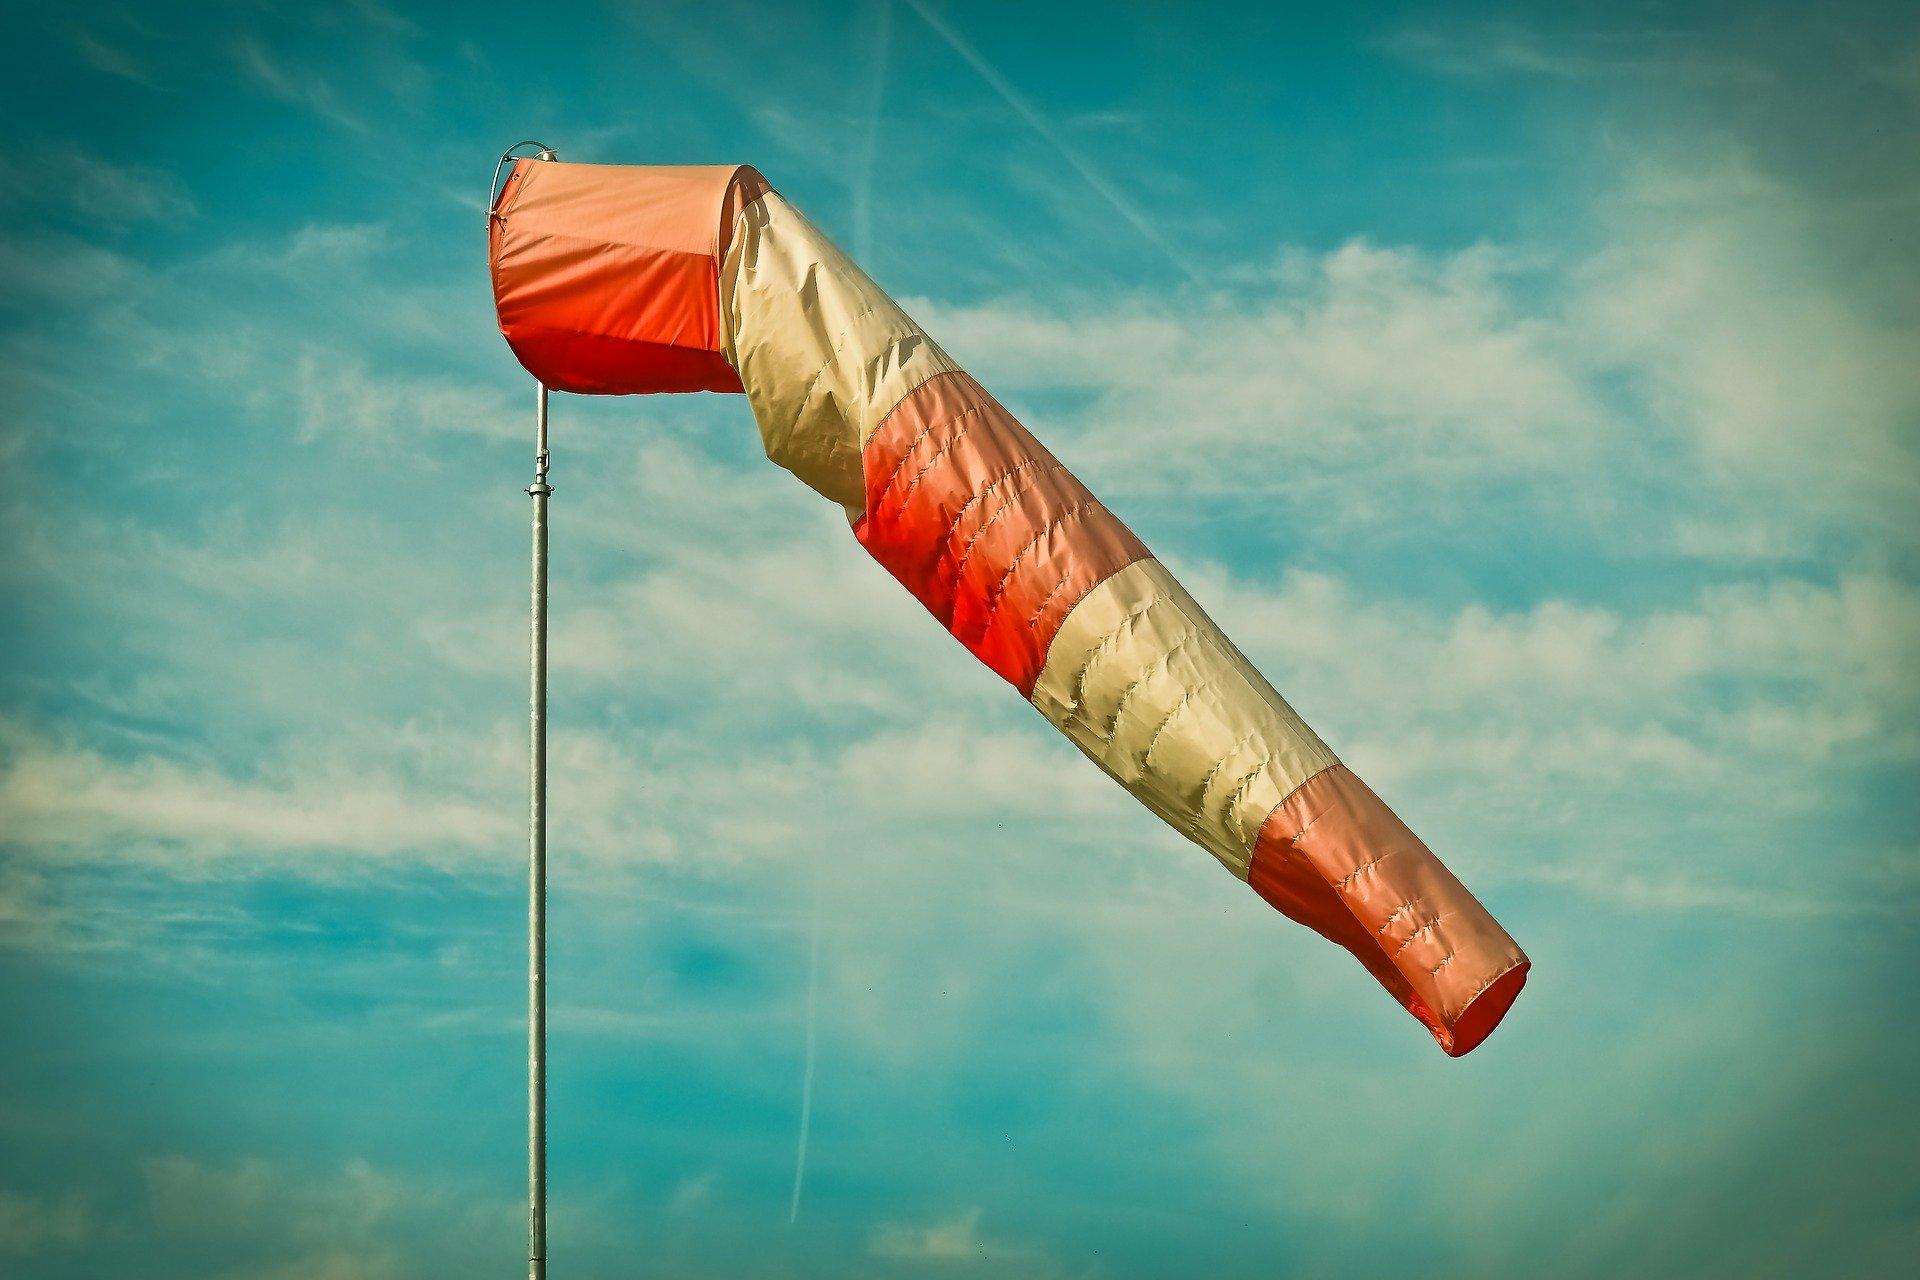 Silny wiatr przynajmniej do 17:00